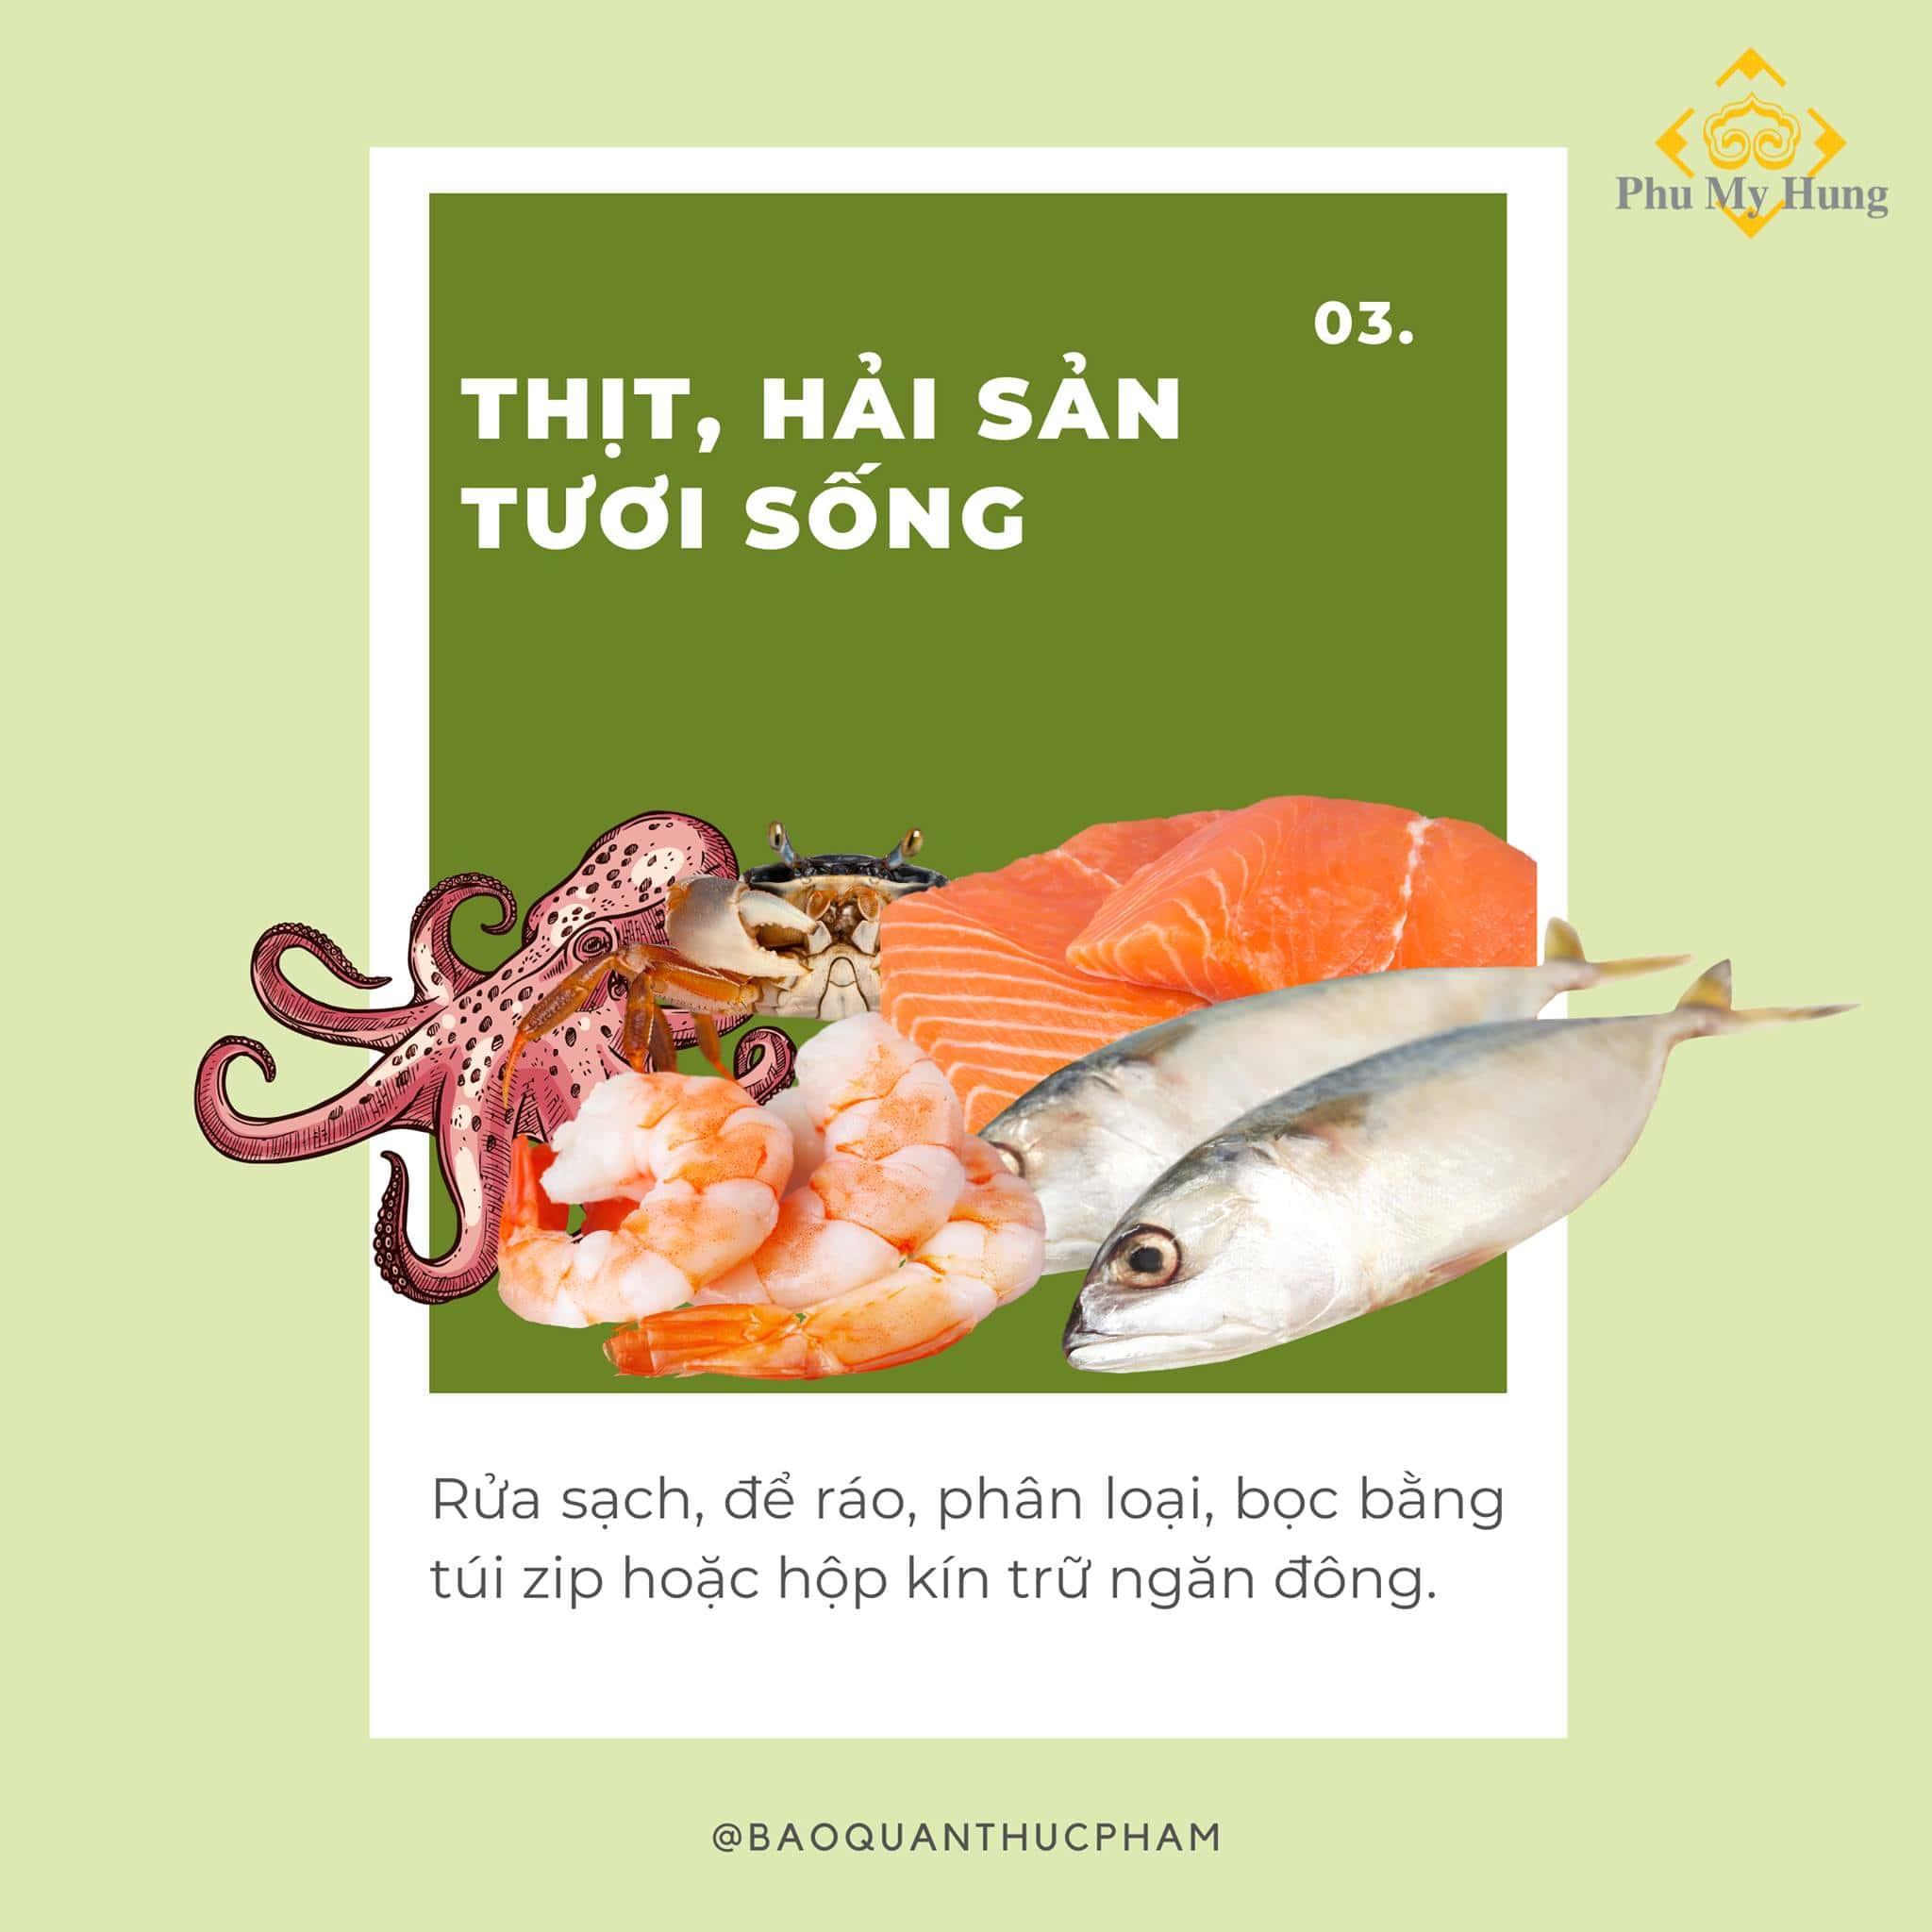 Mẹo hay bảo quản thịt hải sản tươi sống